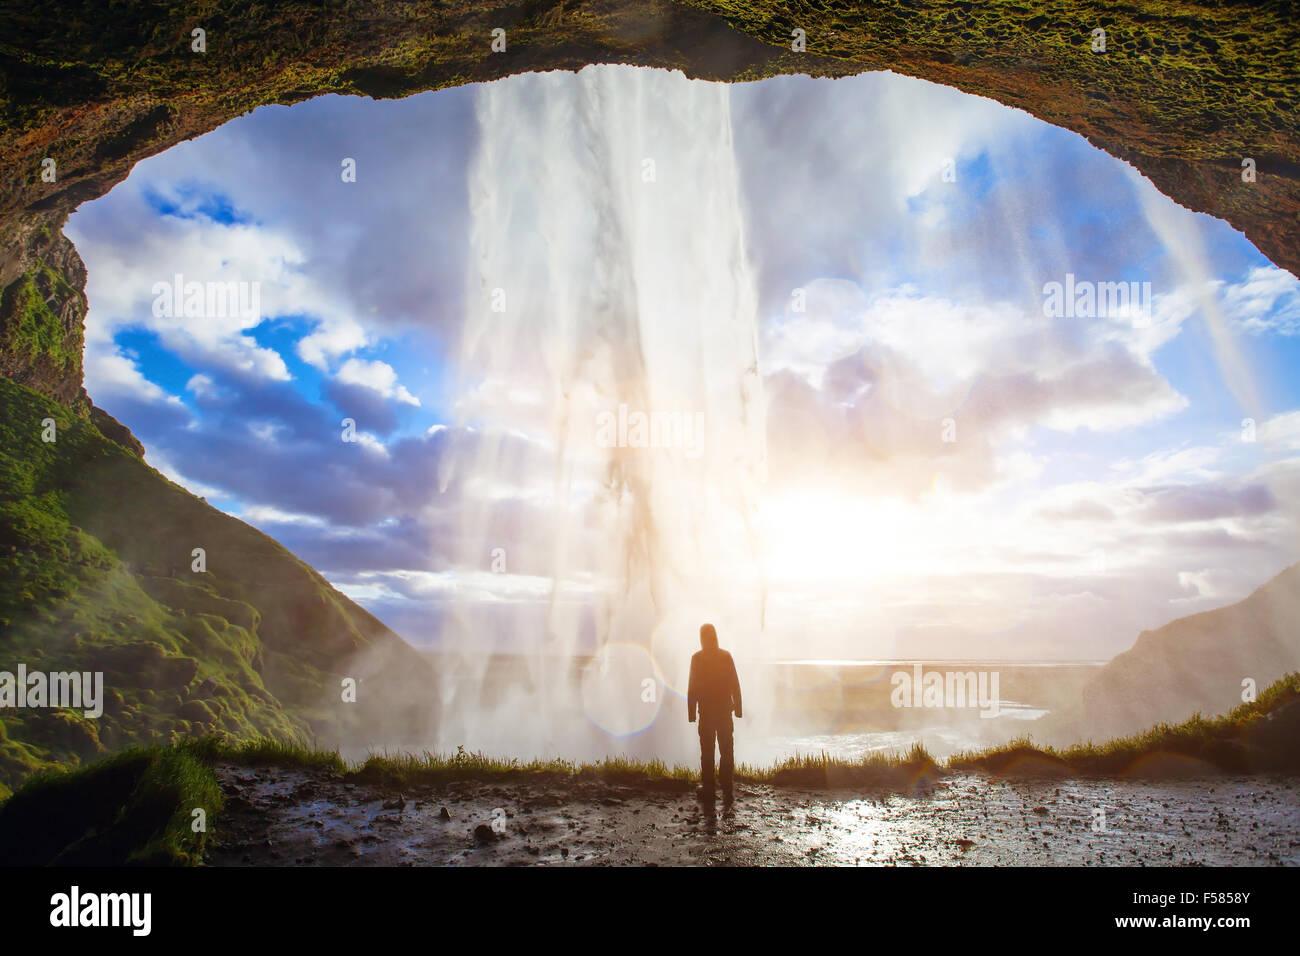 Cascade incroyable en Islande, la silhouette de l'homme bénéficiant d'une vue magnifique de la Photo Stock